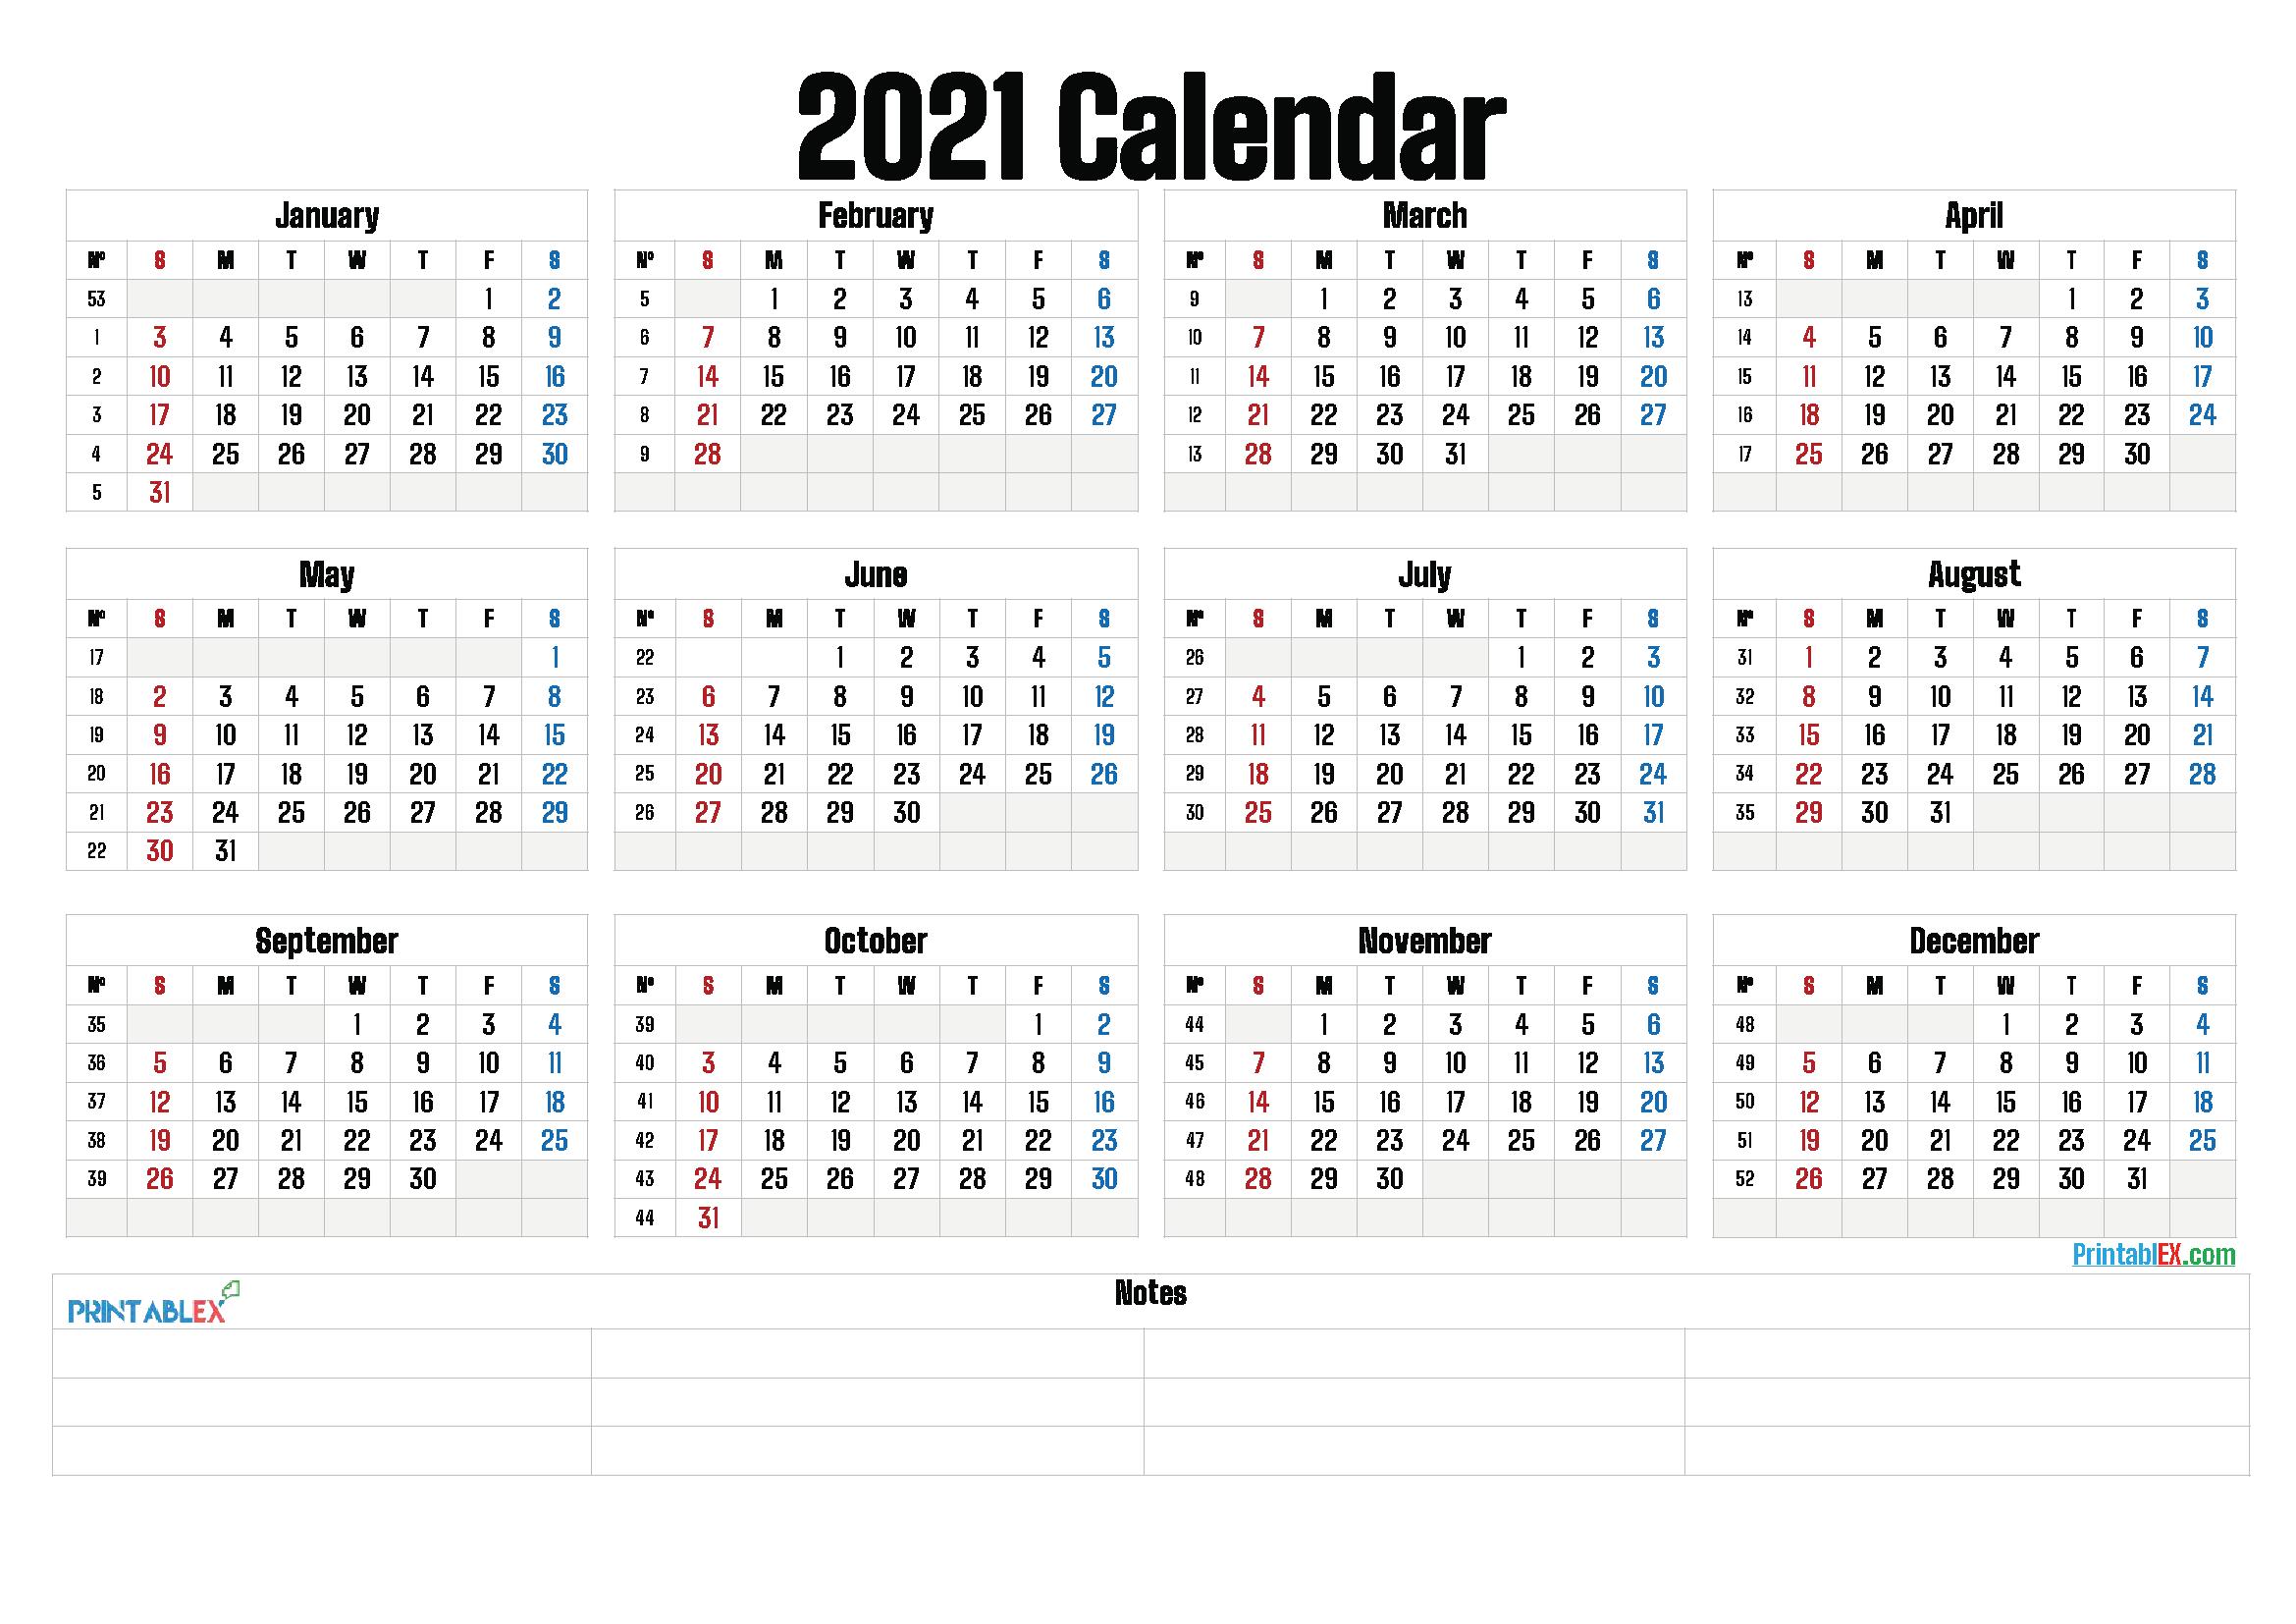 Numbered Week Calendar 2021 | Calendar 2021 Weekly Numbered 52 Week Calendar Printable